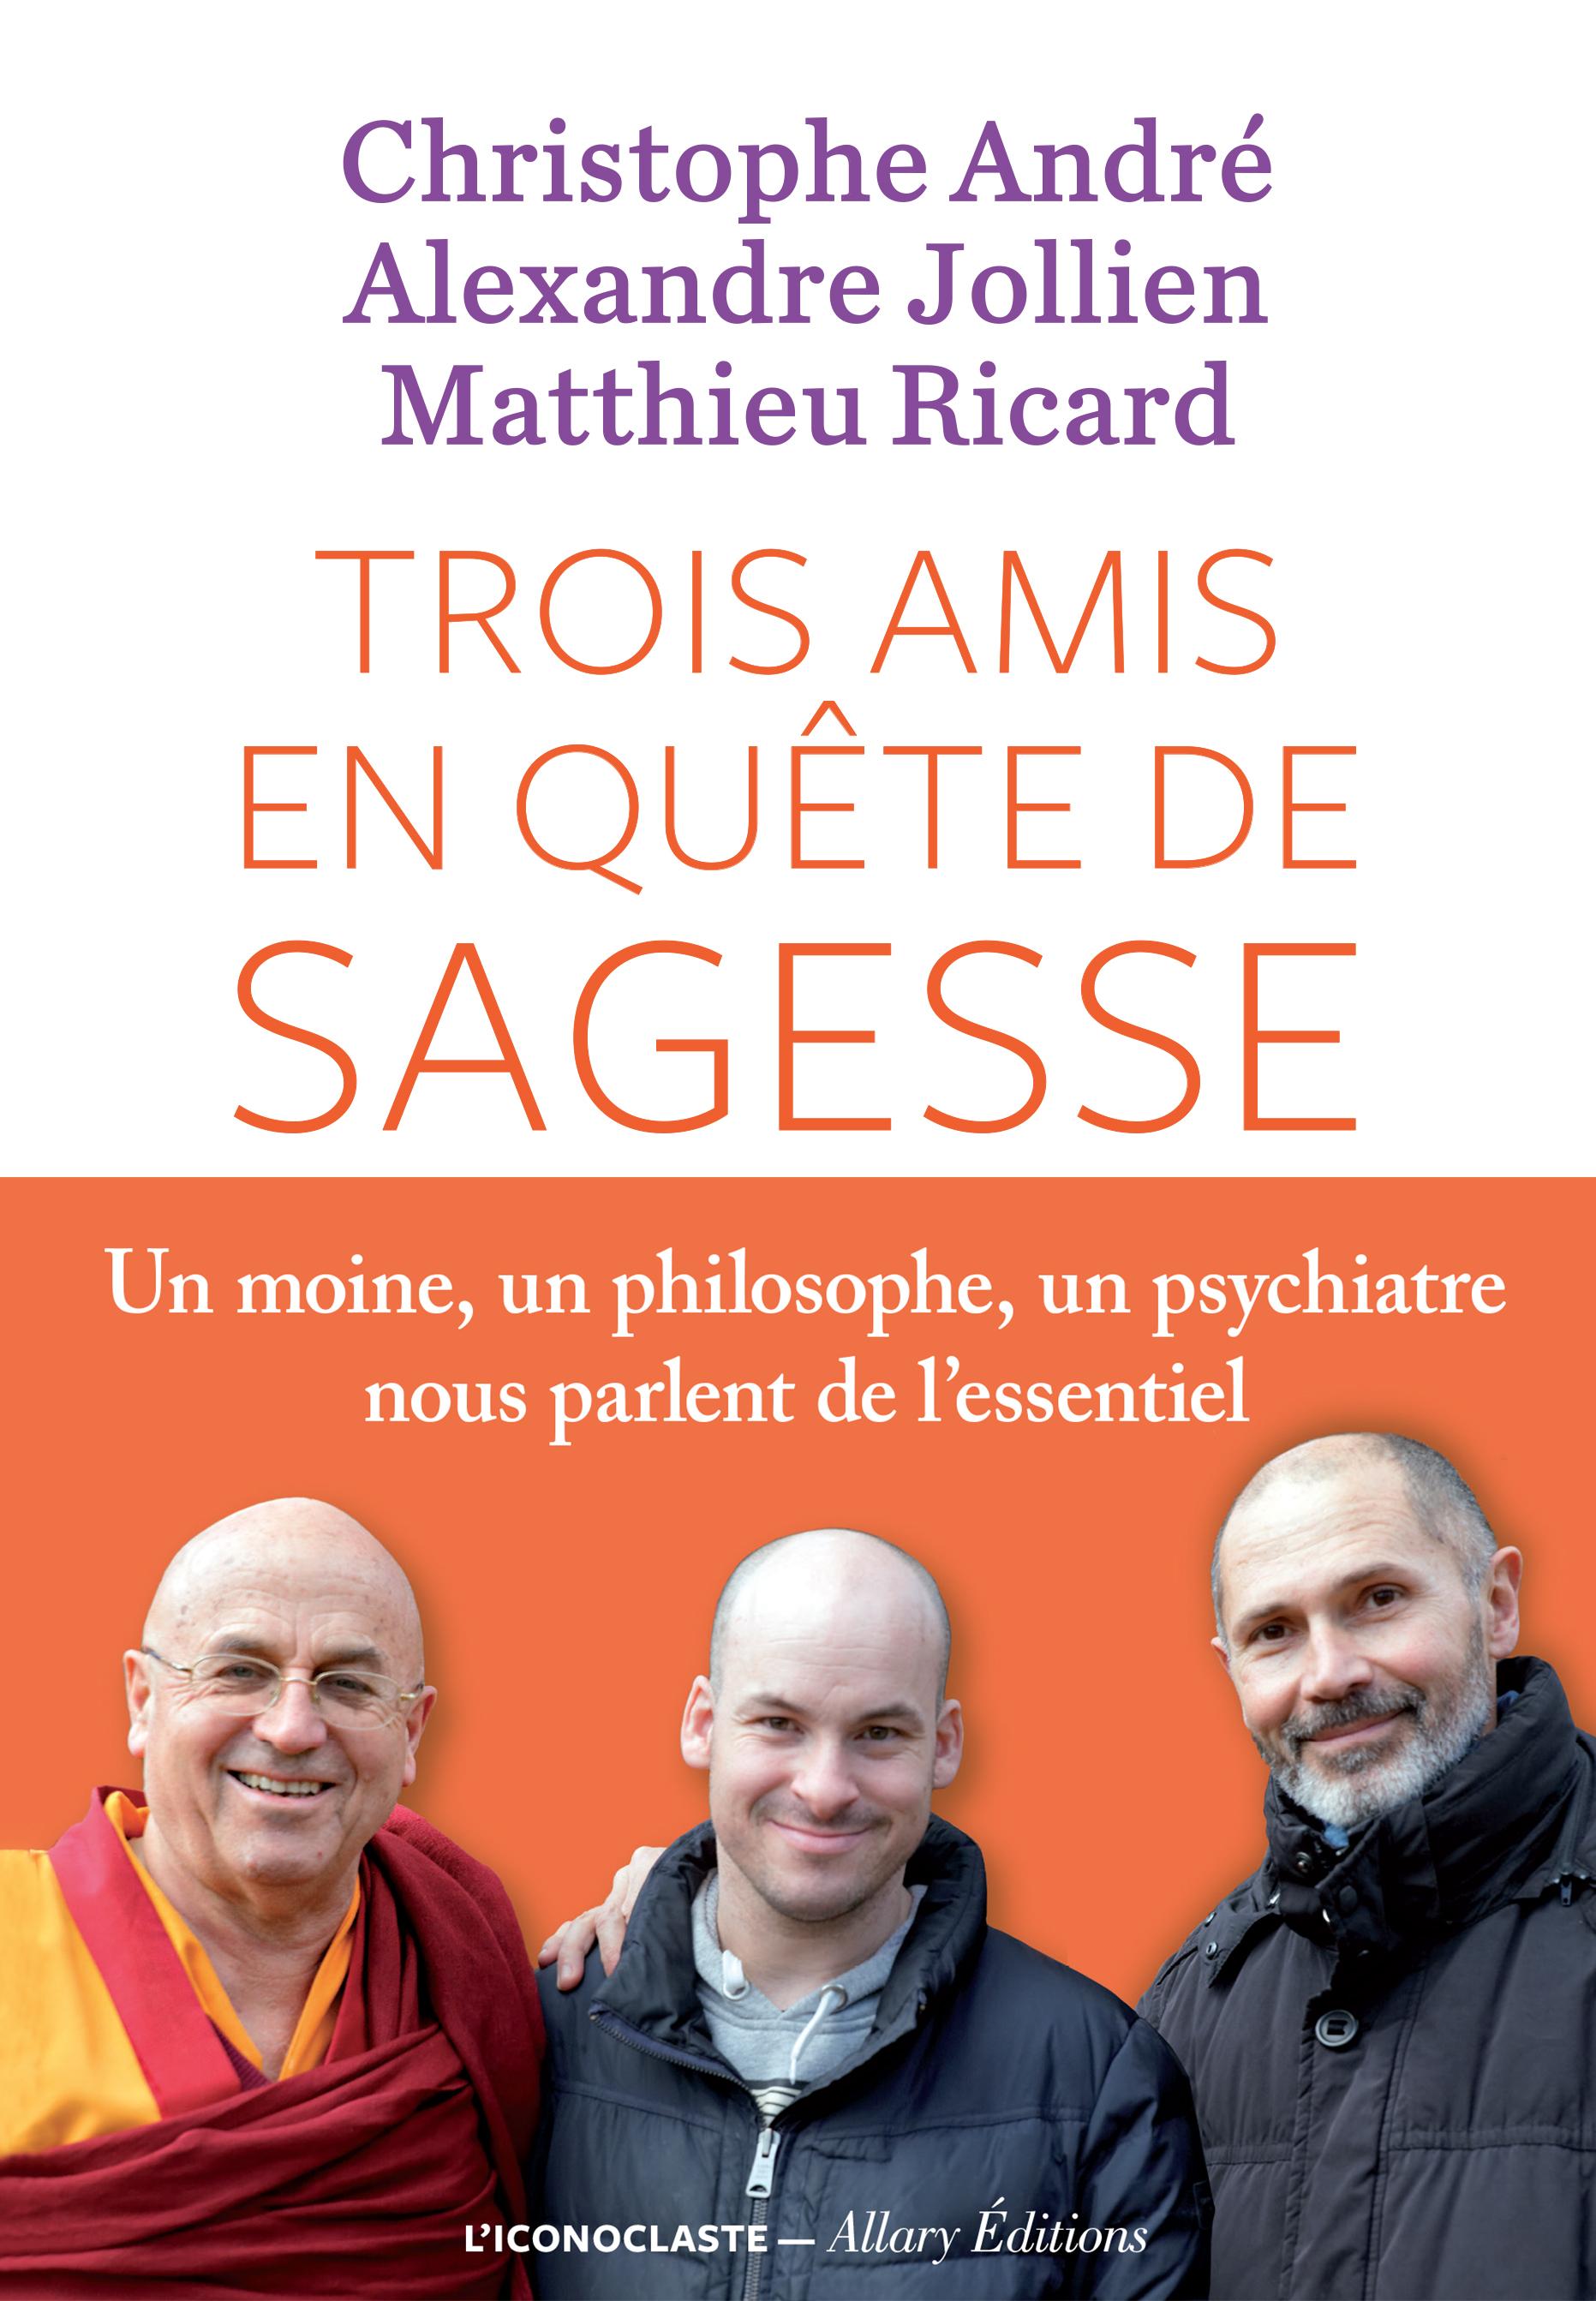 Céline rencontre Matthieu Ricard : Conversation privilégiée